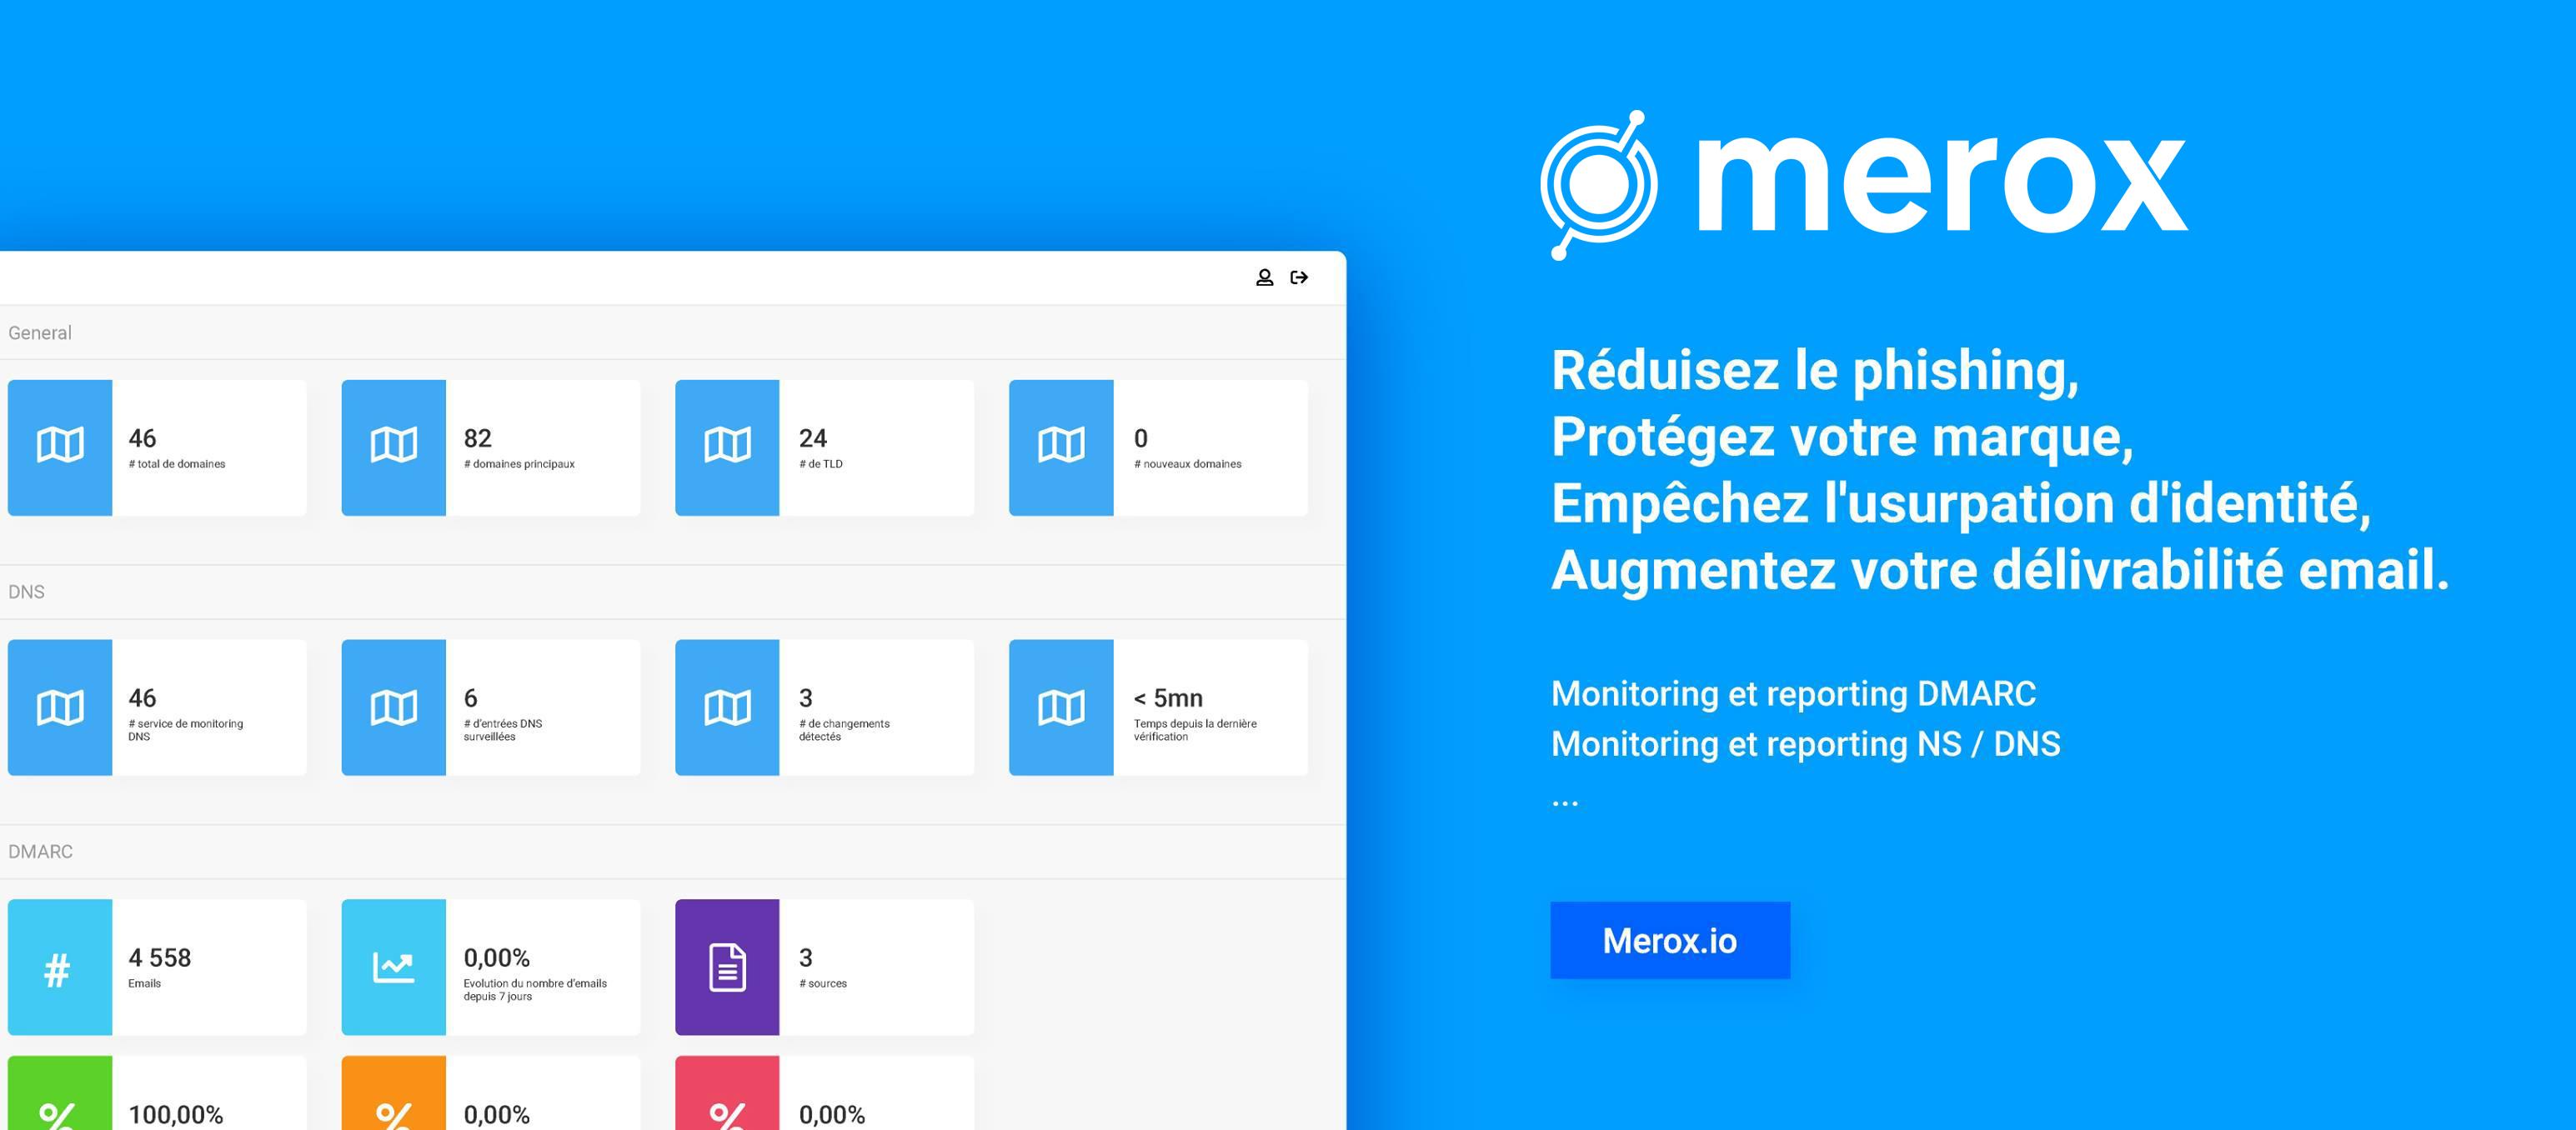 Avis Merox : Sécurisez votre marque et vos domaines de messagerie (DMARC) - Appvizer